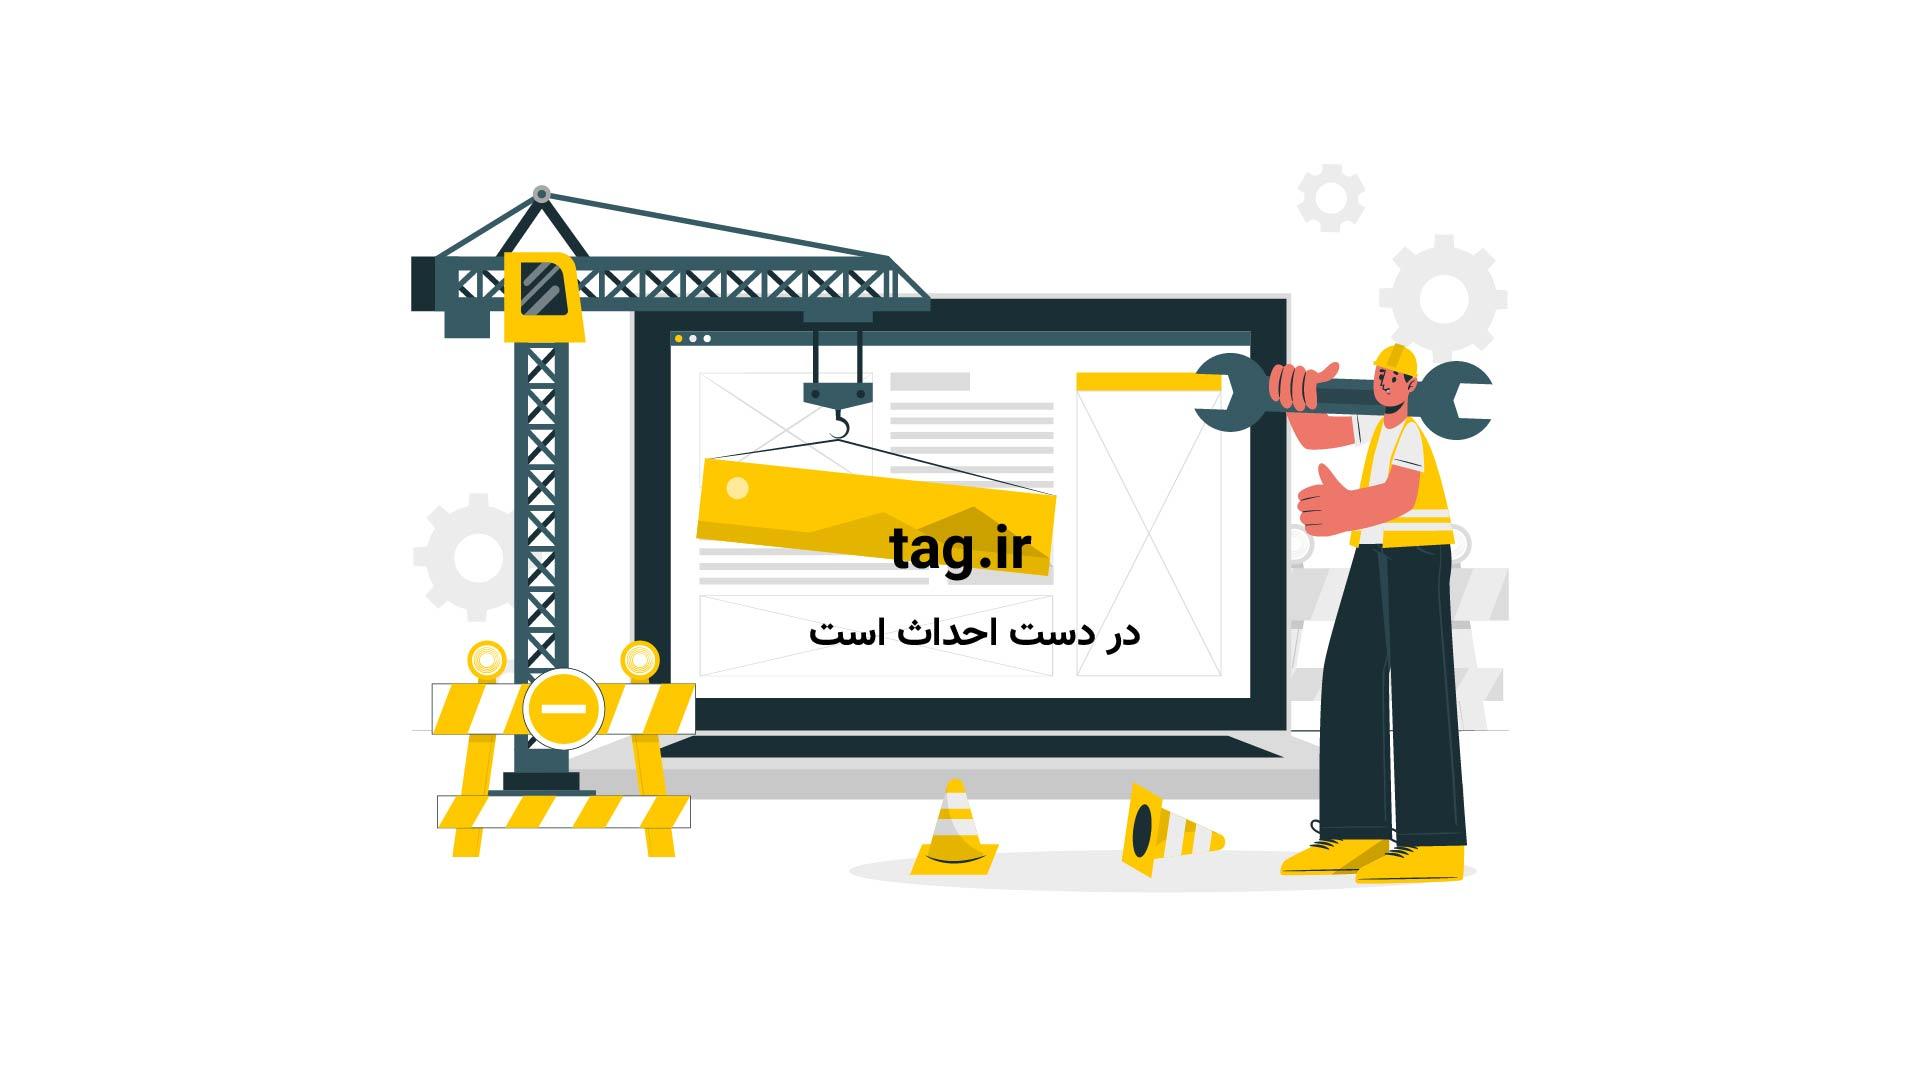 اوریگامی قورباغه | تگ